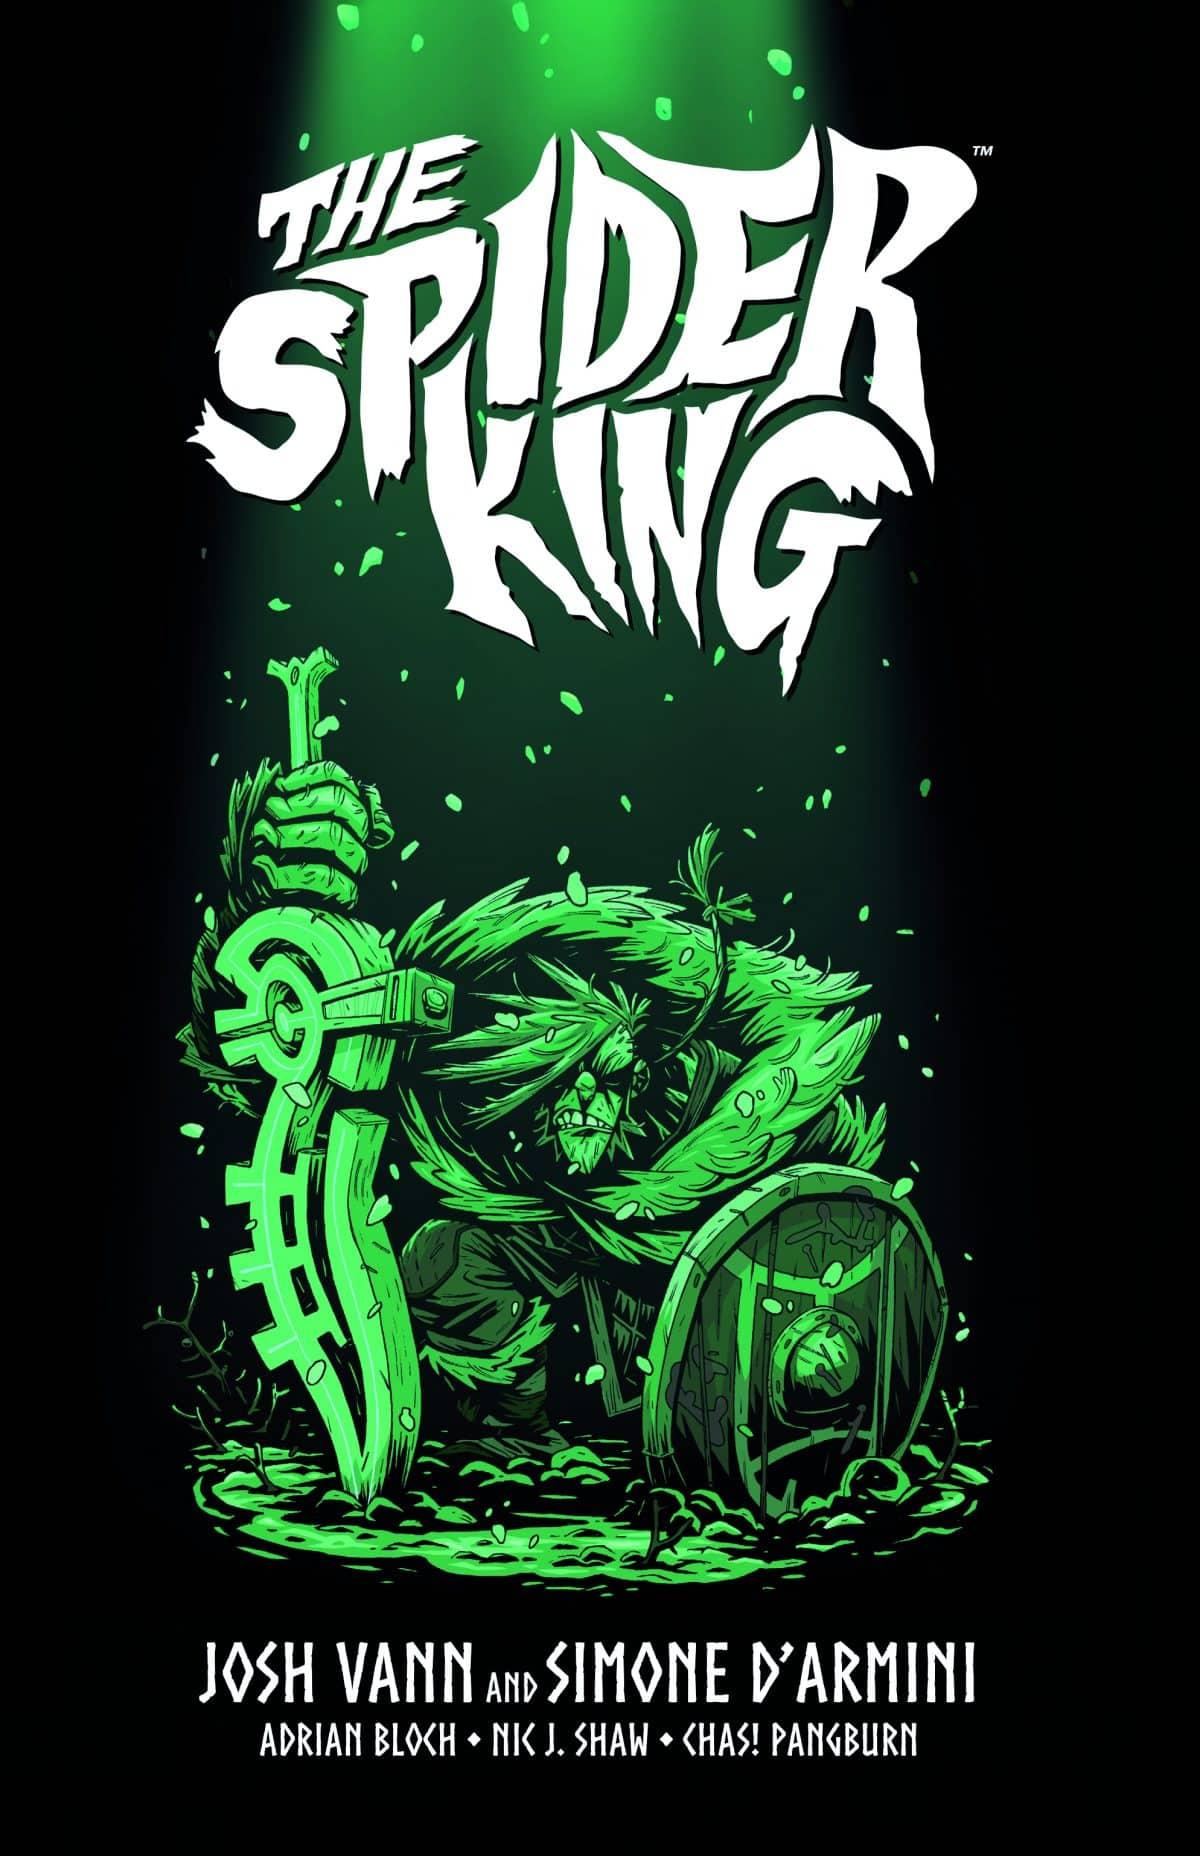 SaldaPress pubblica THE SPIDER KING di Josh Vann e Simone D'Armini